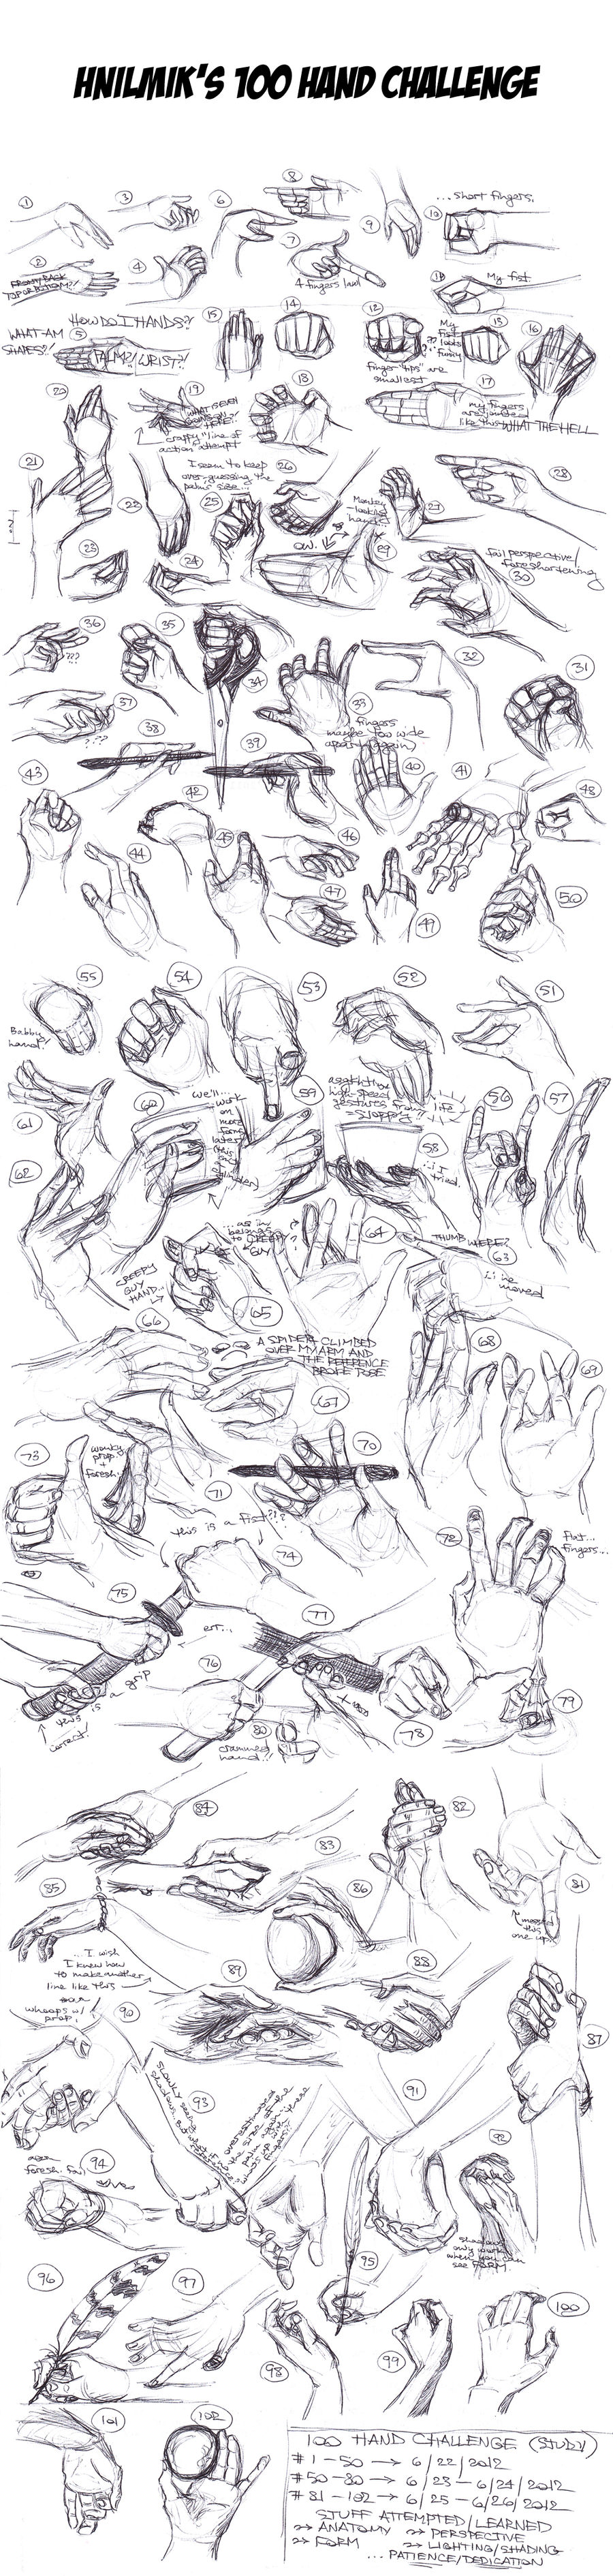 100 Hand Challenge (Hand Studies) by Hnilmik